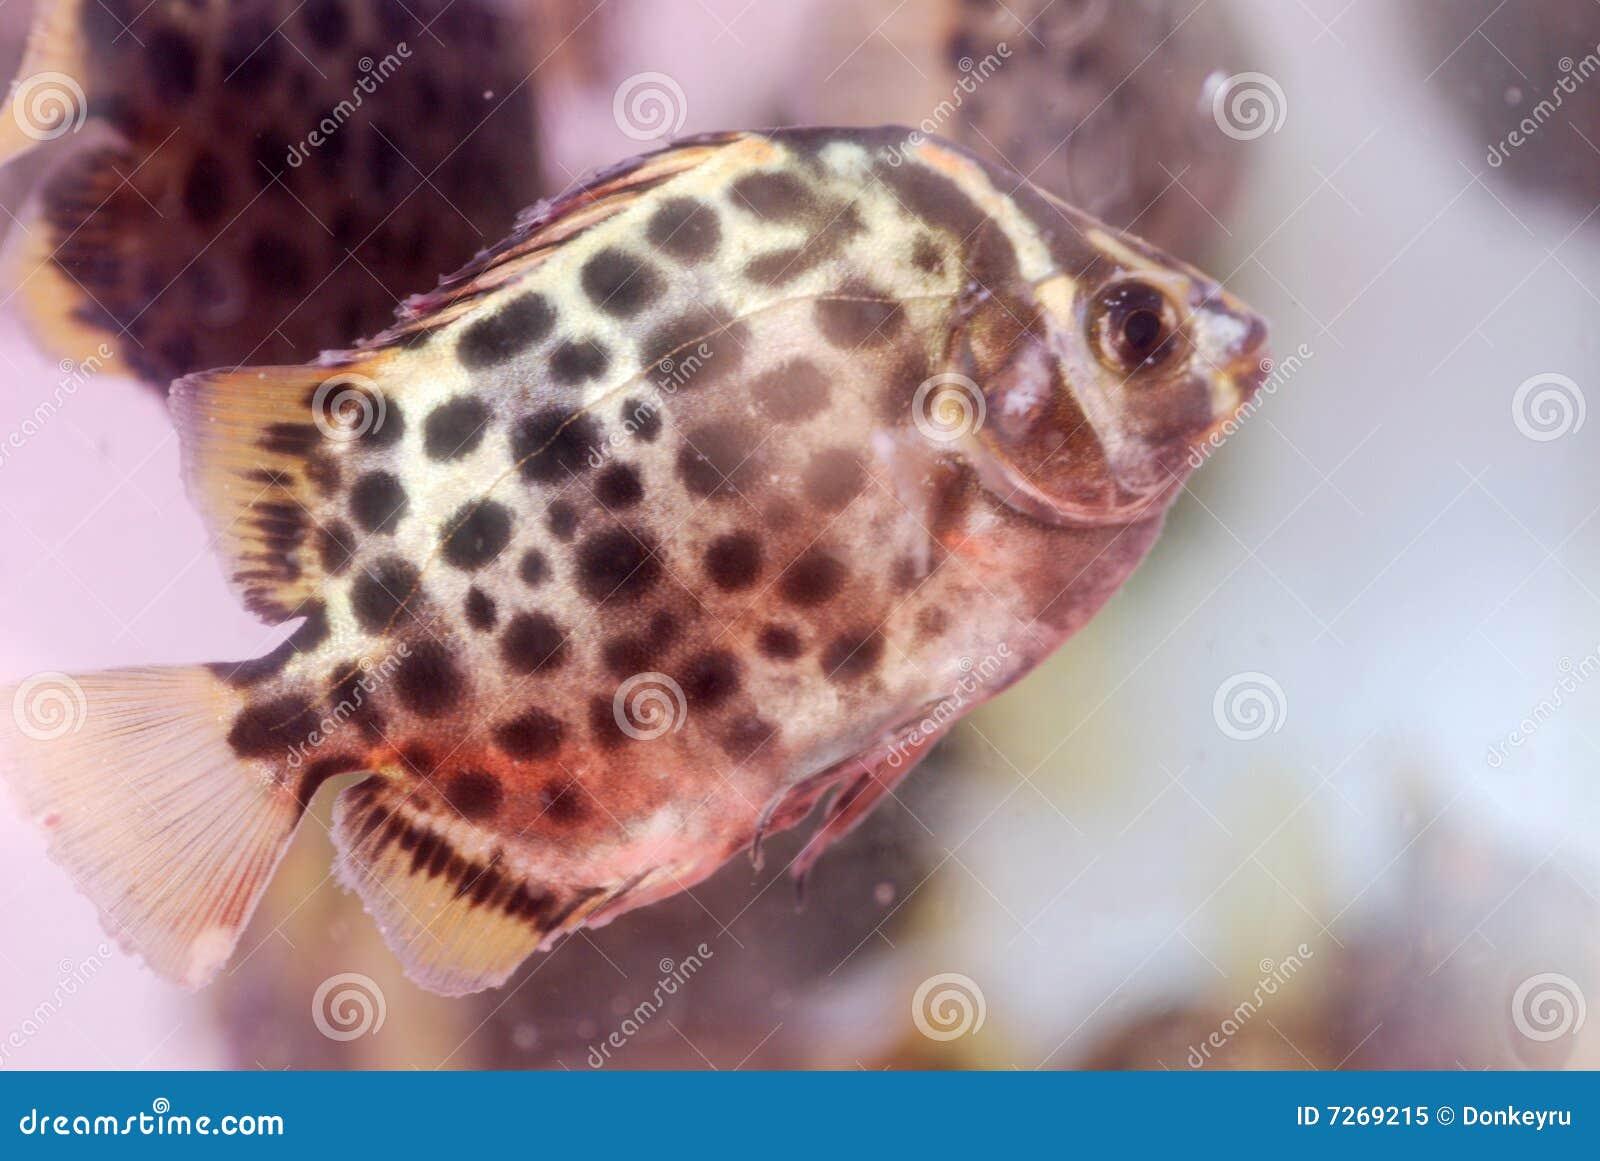 Aquarium tropical fish stock image. Image of water, fish - 7269215